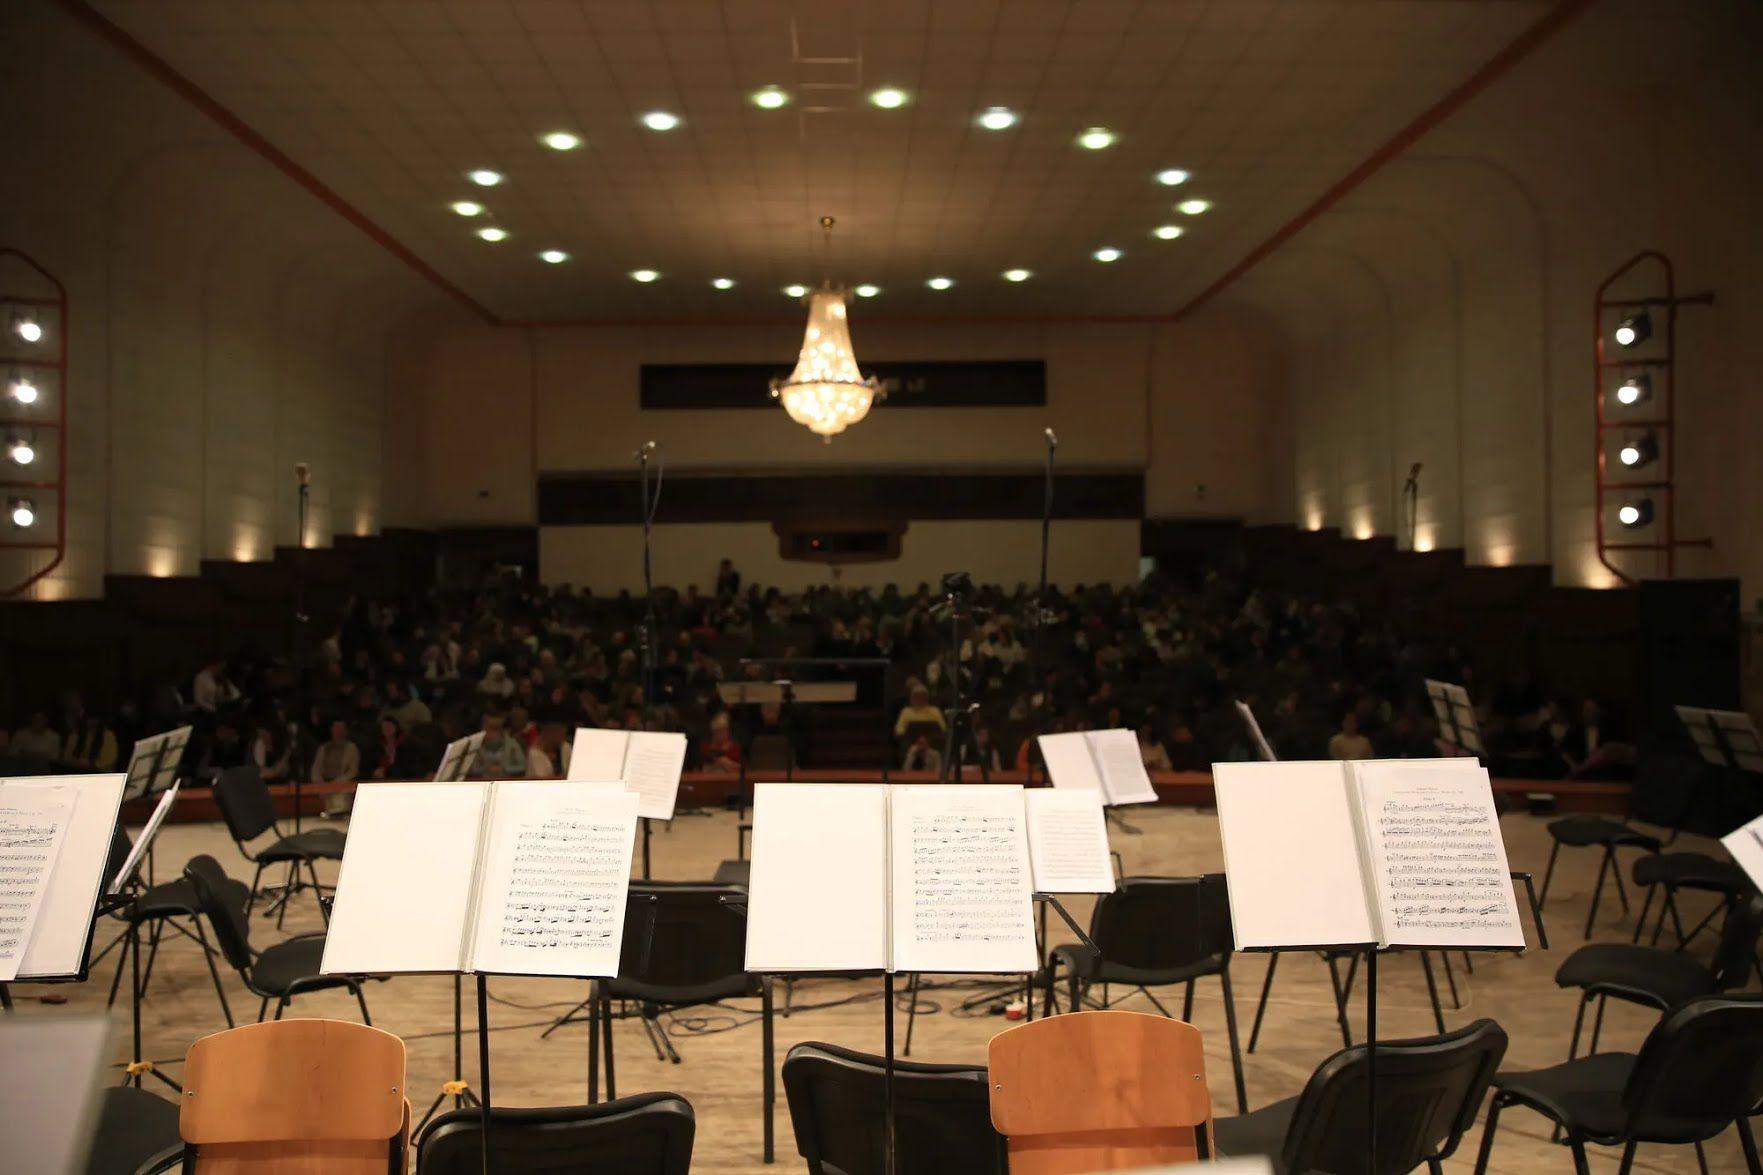 Первую часть программы посвятили австрийско-немецкой музыке